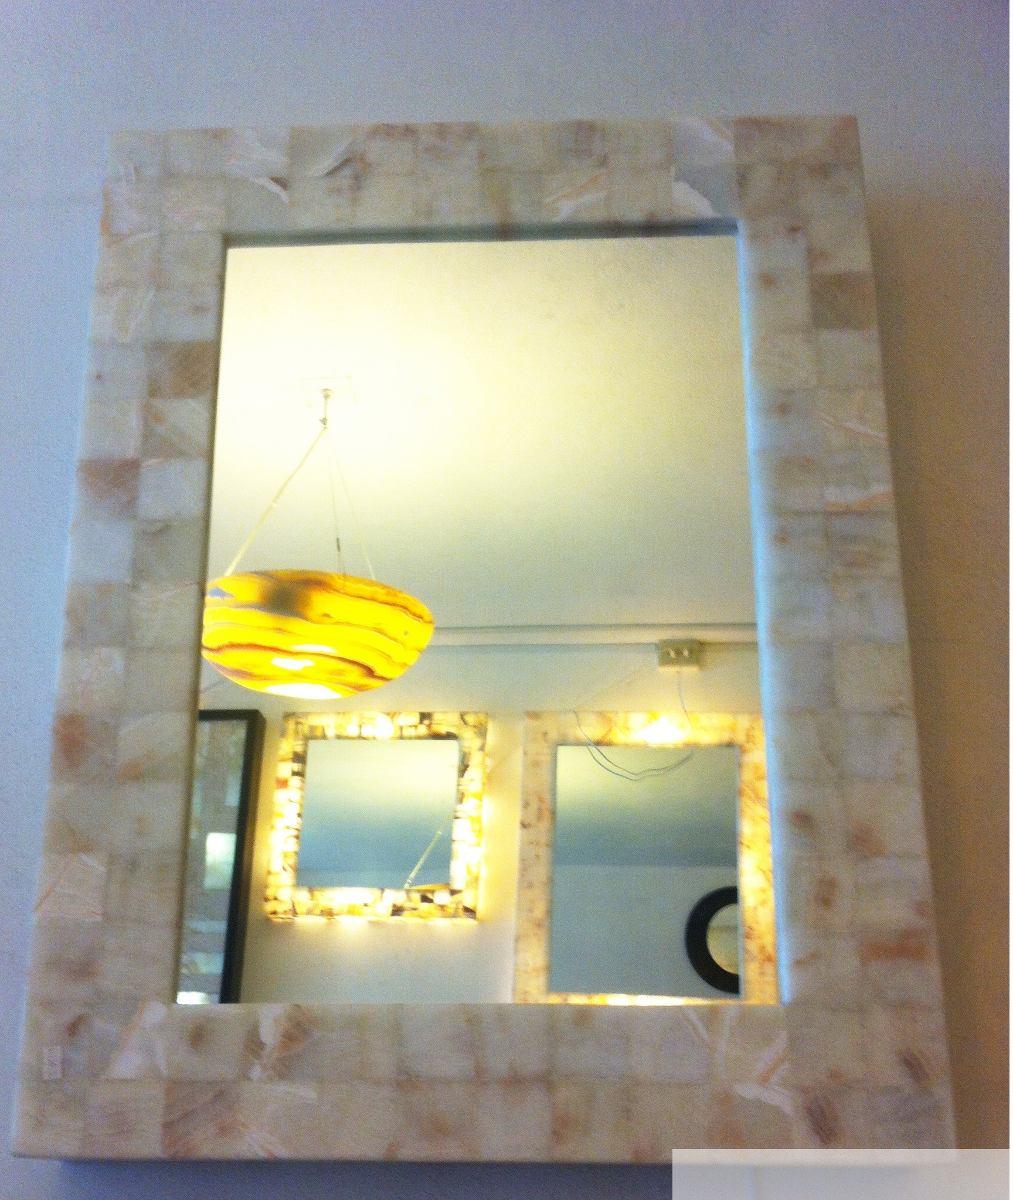 Espejos nix 60x60 45x65 y redondo 60cm onix cafe sin luz - Lamparas para espejos ...